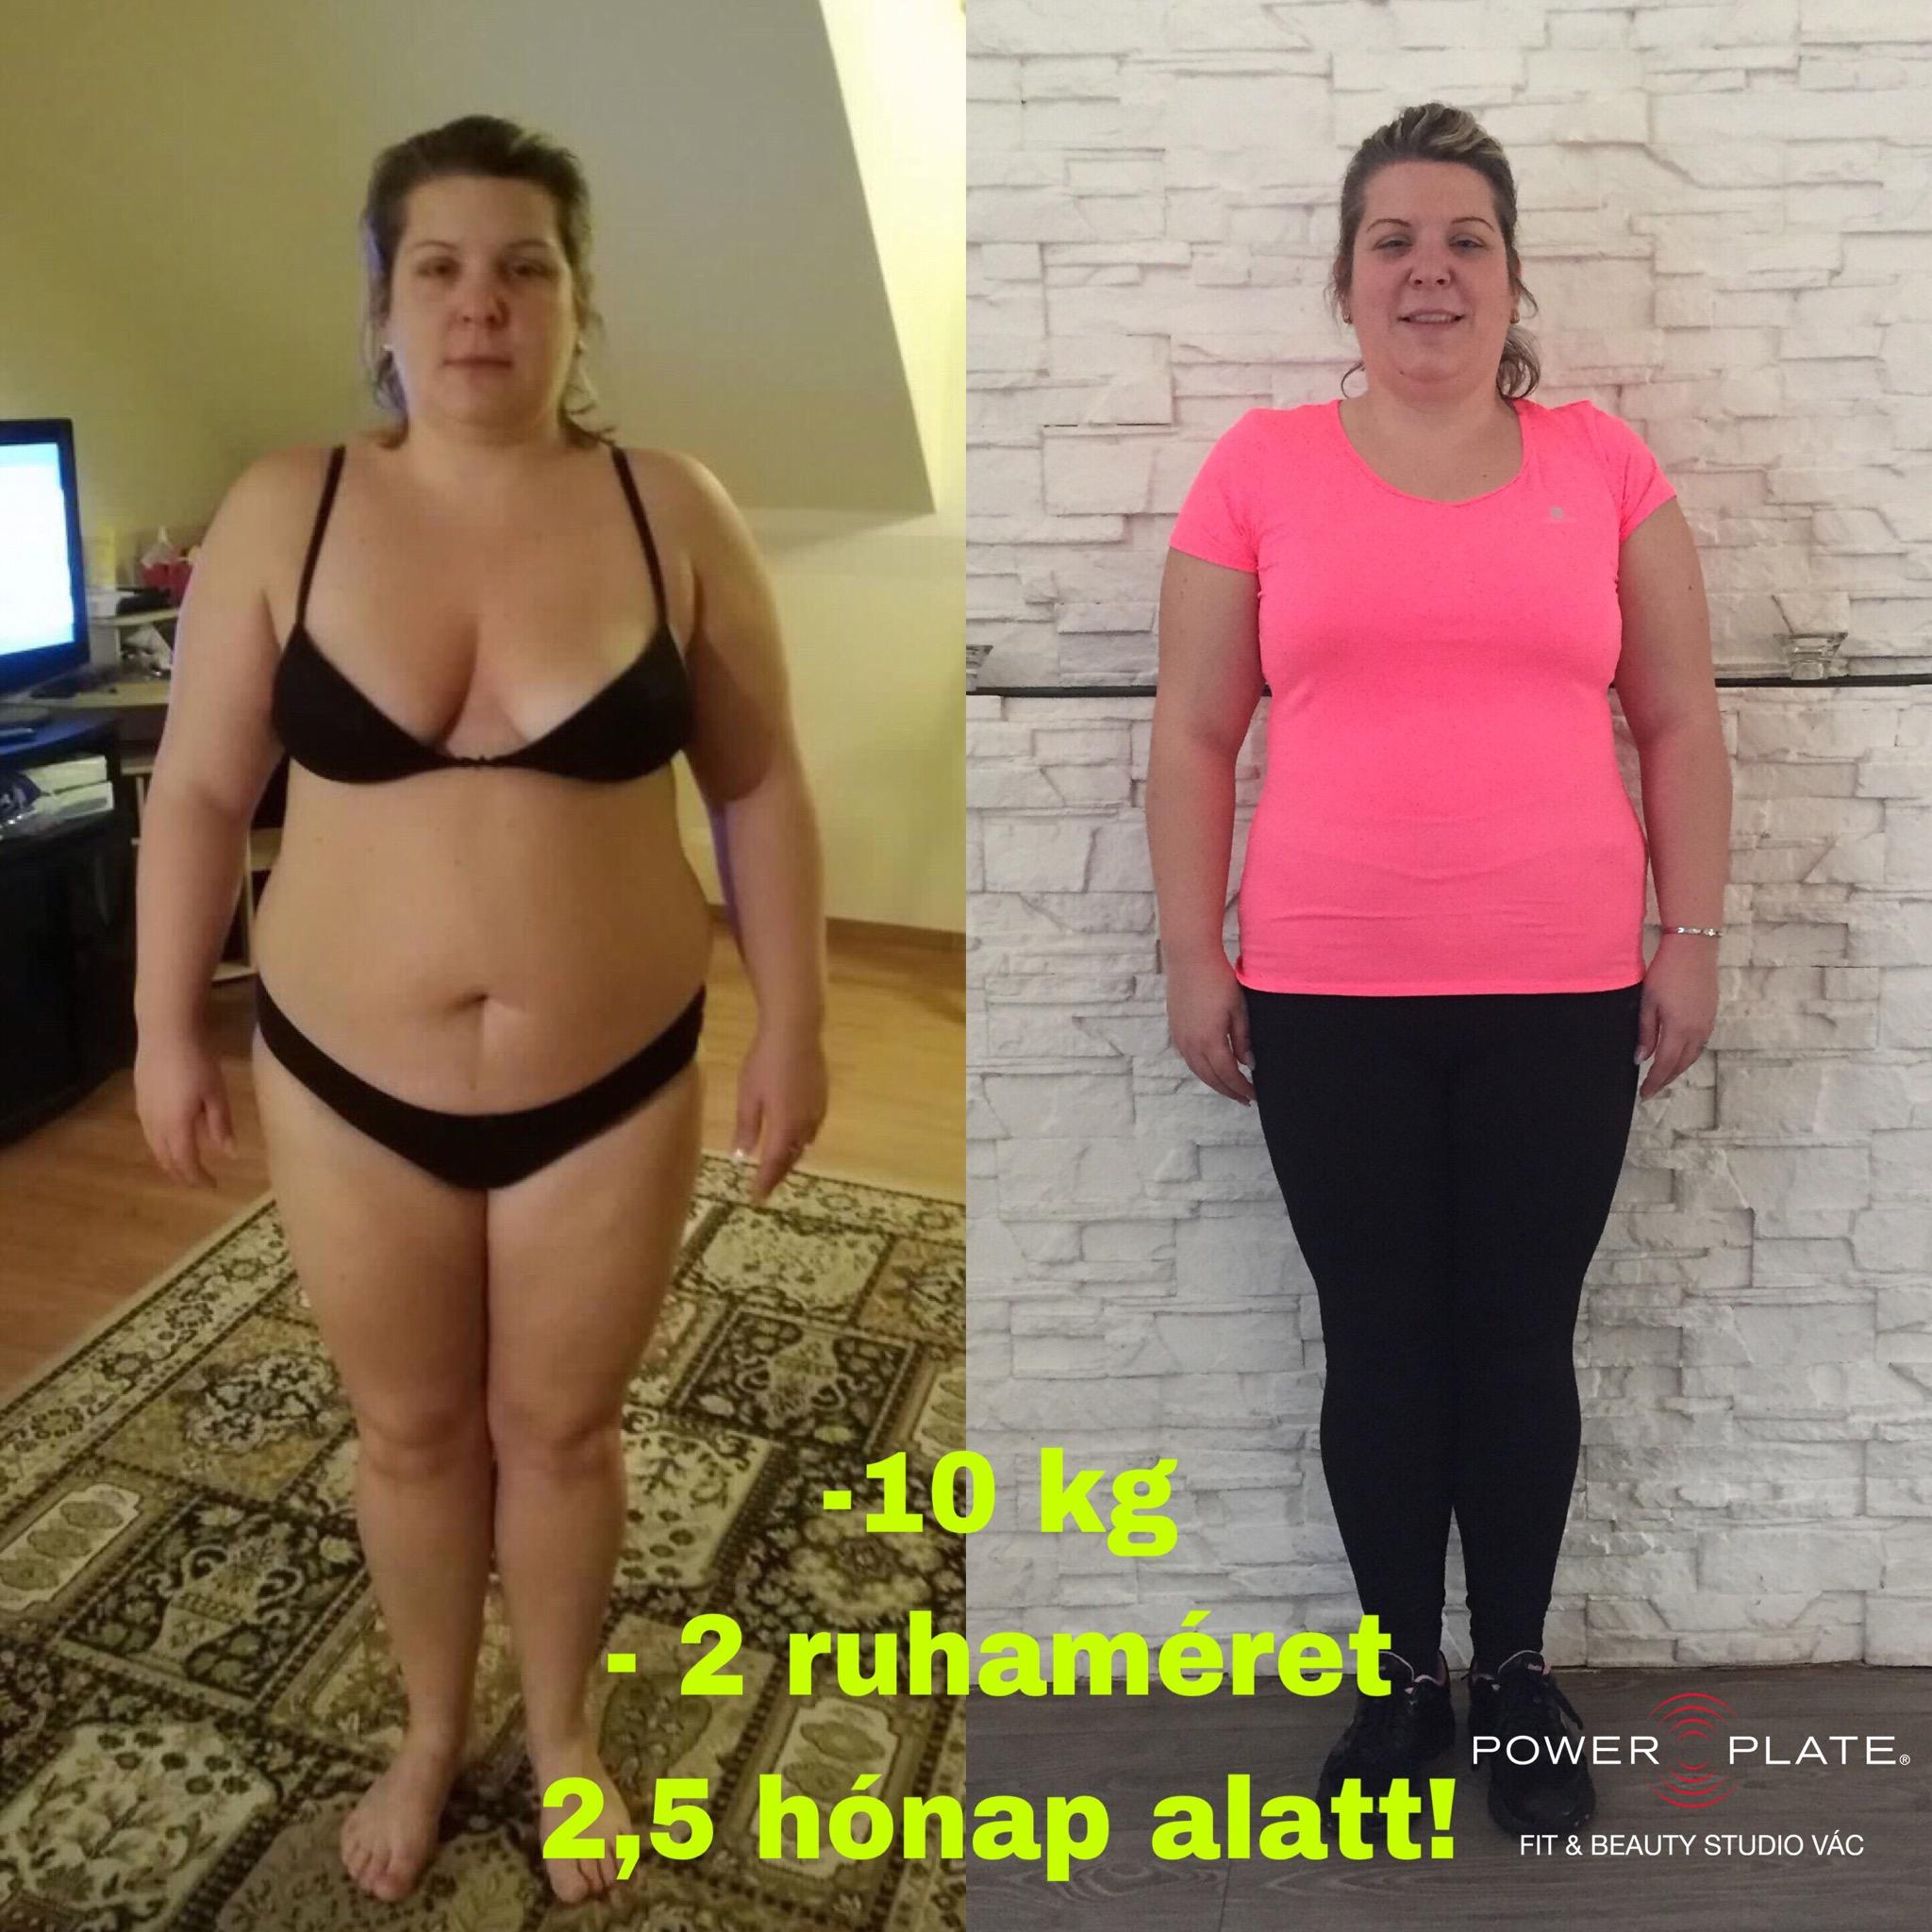 Grazing-diéta: így fogyj 2 hét alatt 5 kilót - mintaétrenddel! - 2 hét alatt elveszíti 5kg zsírt